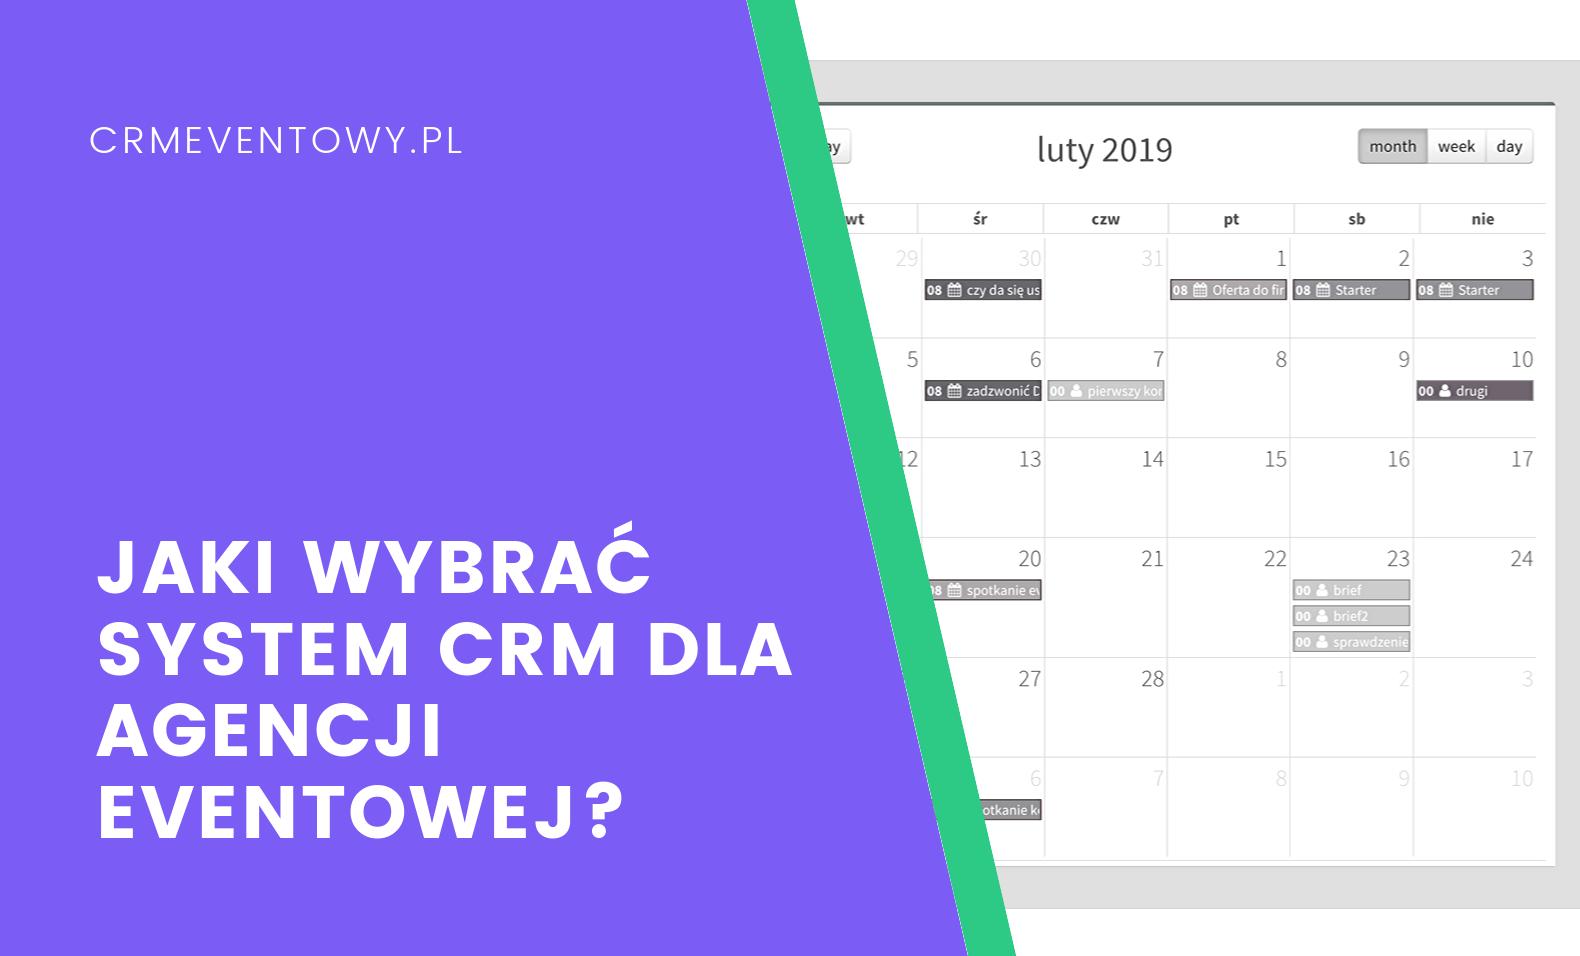 Jaki wybrać system CRM dla agencji eventowej